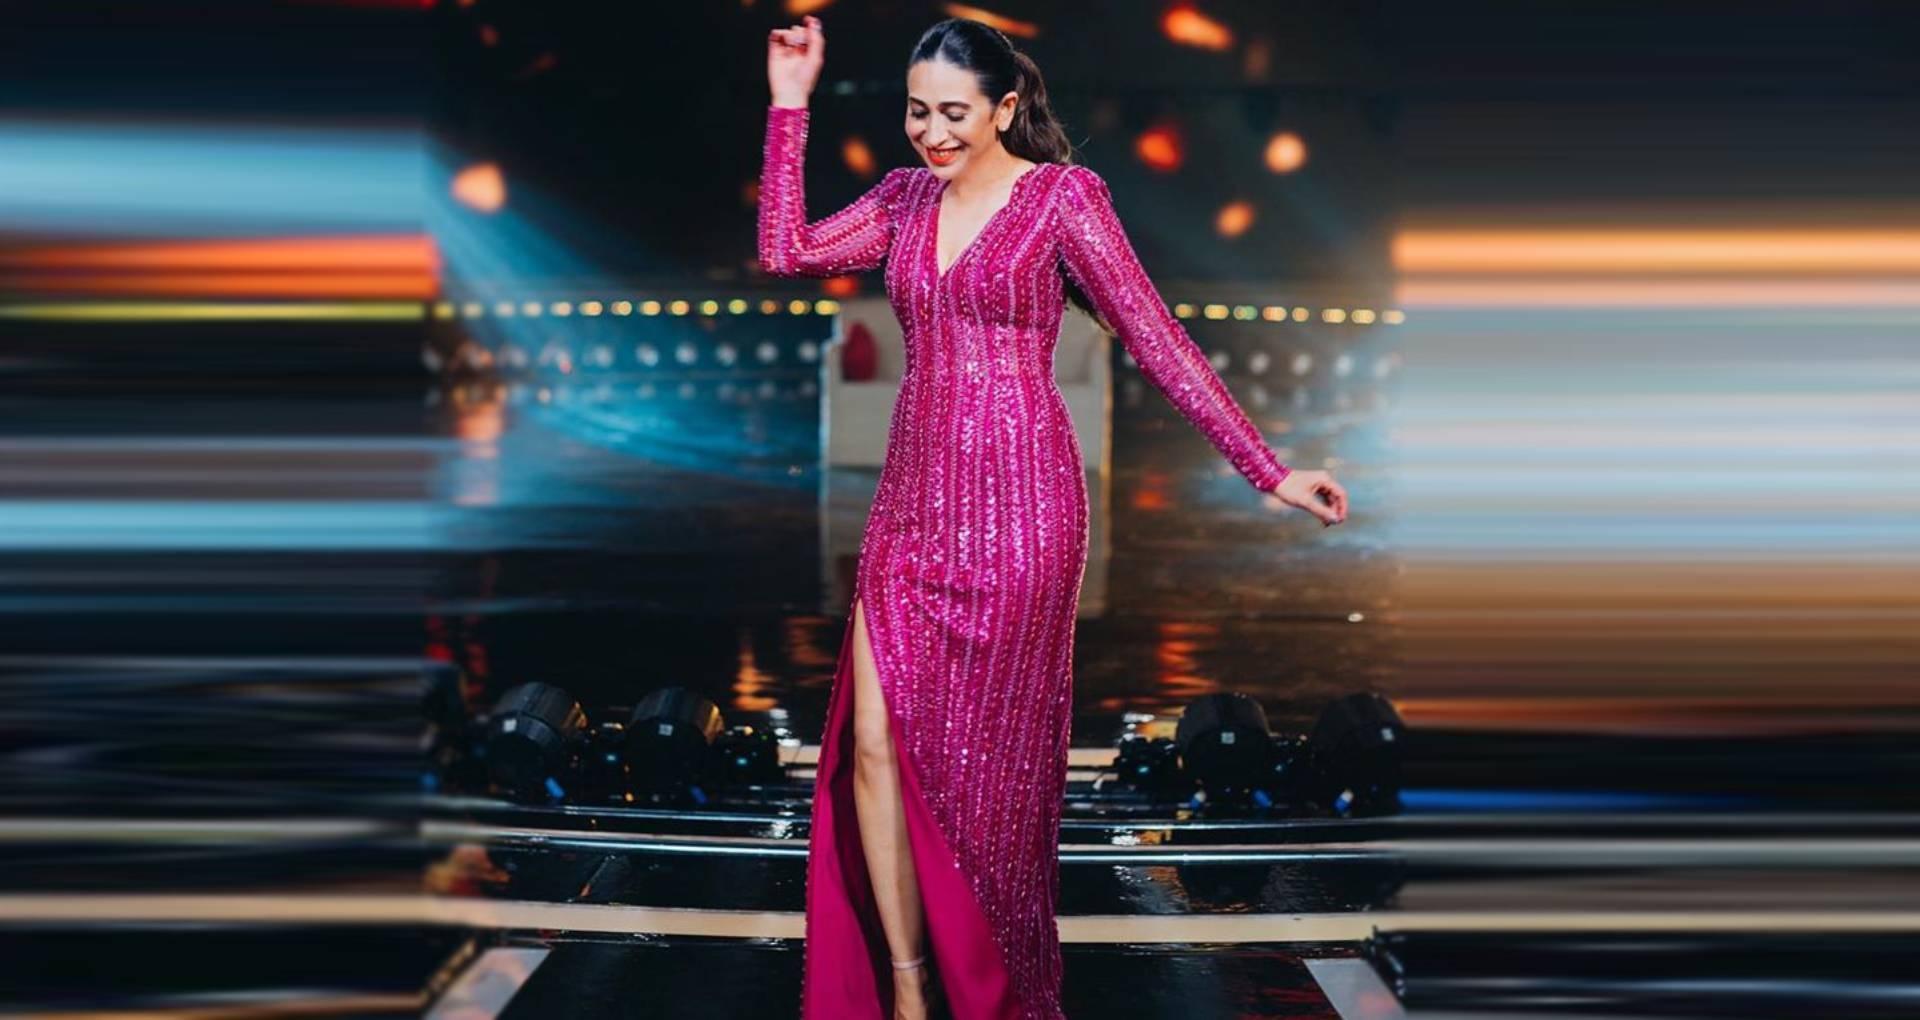 करिश्मा कपूर ने डीआईडी के मंच पर कंटेस्टेंट को दी कड़ी टक्कर, अपने इस गाने को एक्ट्रेस ने किया रिक्रिएट